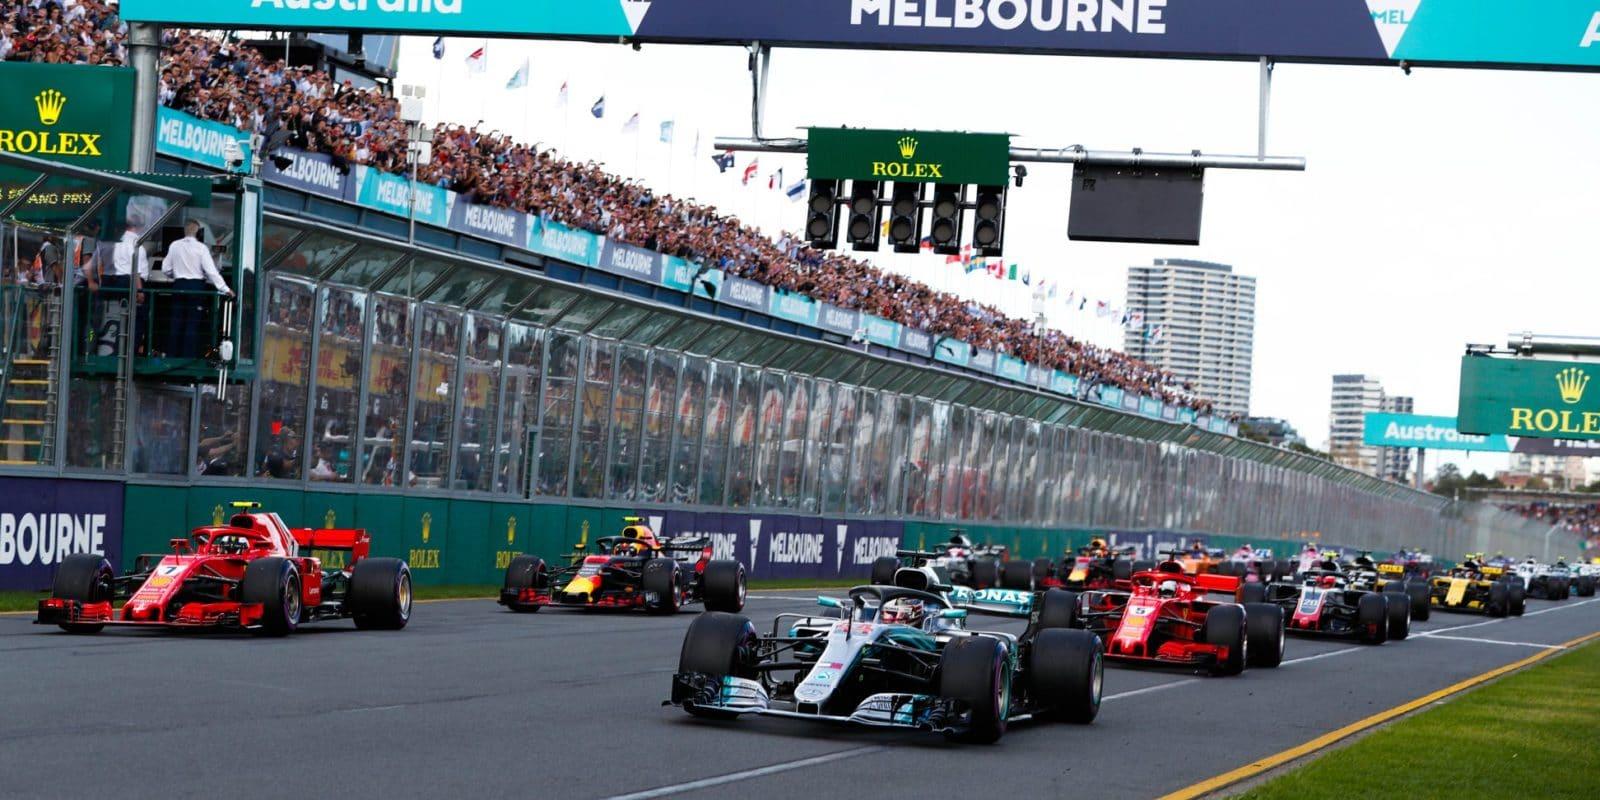 Formule 1 zavede bod za nejrychlejší kolo závodu